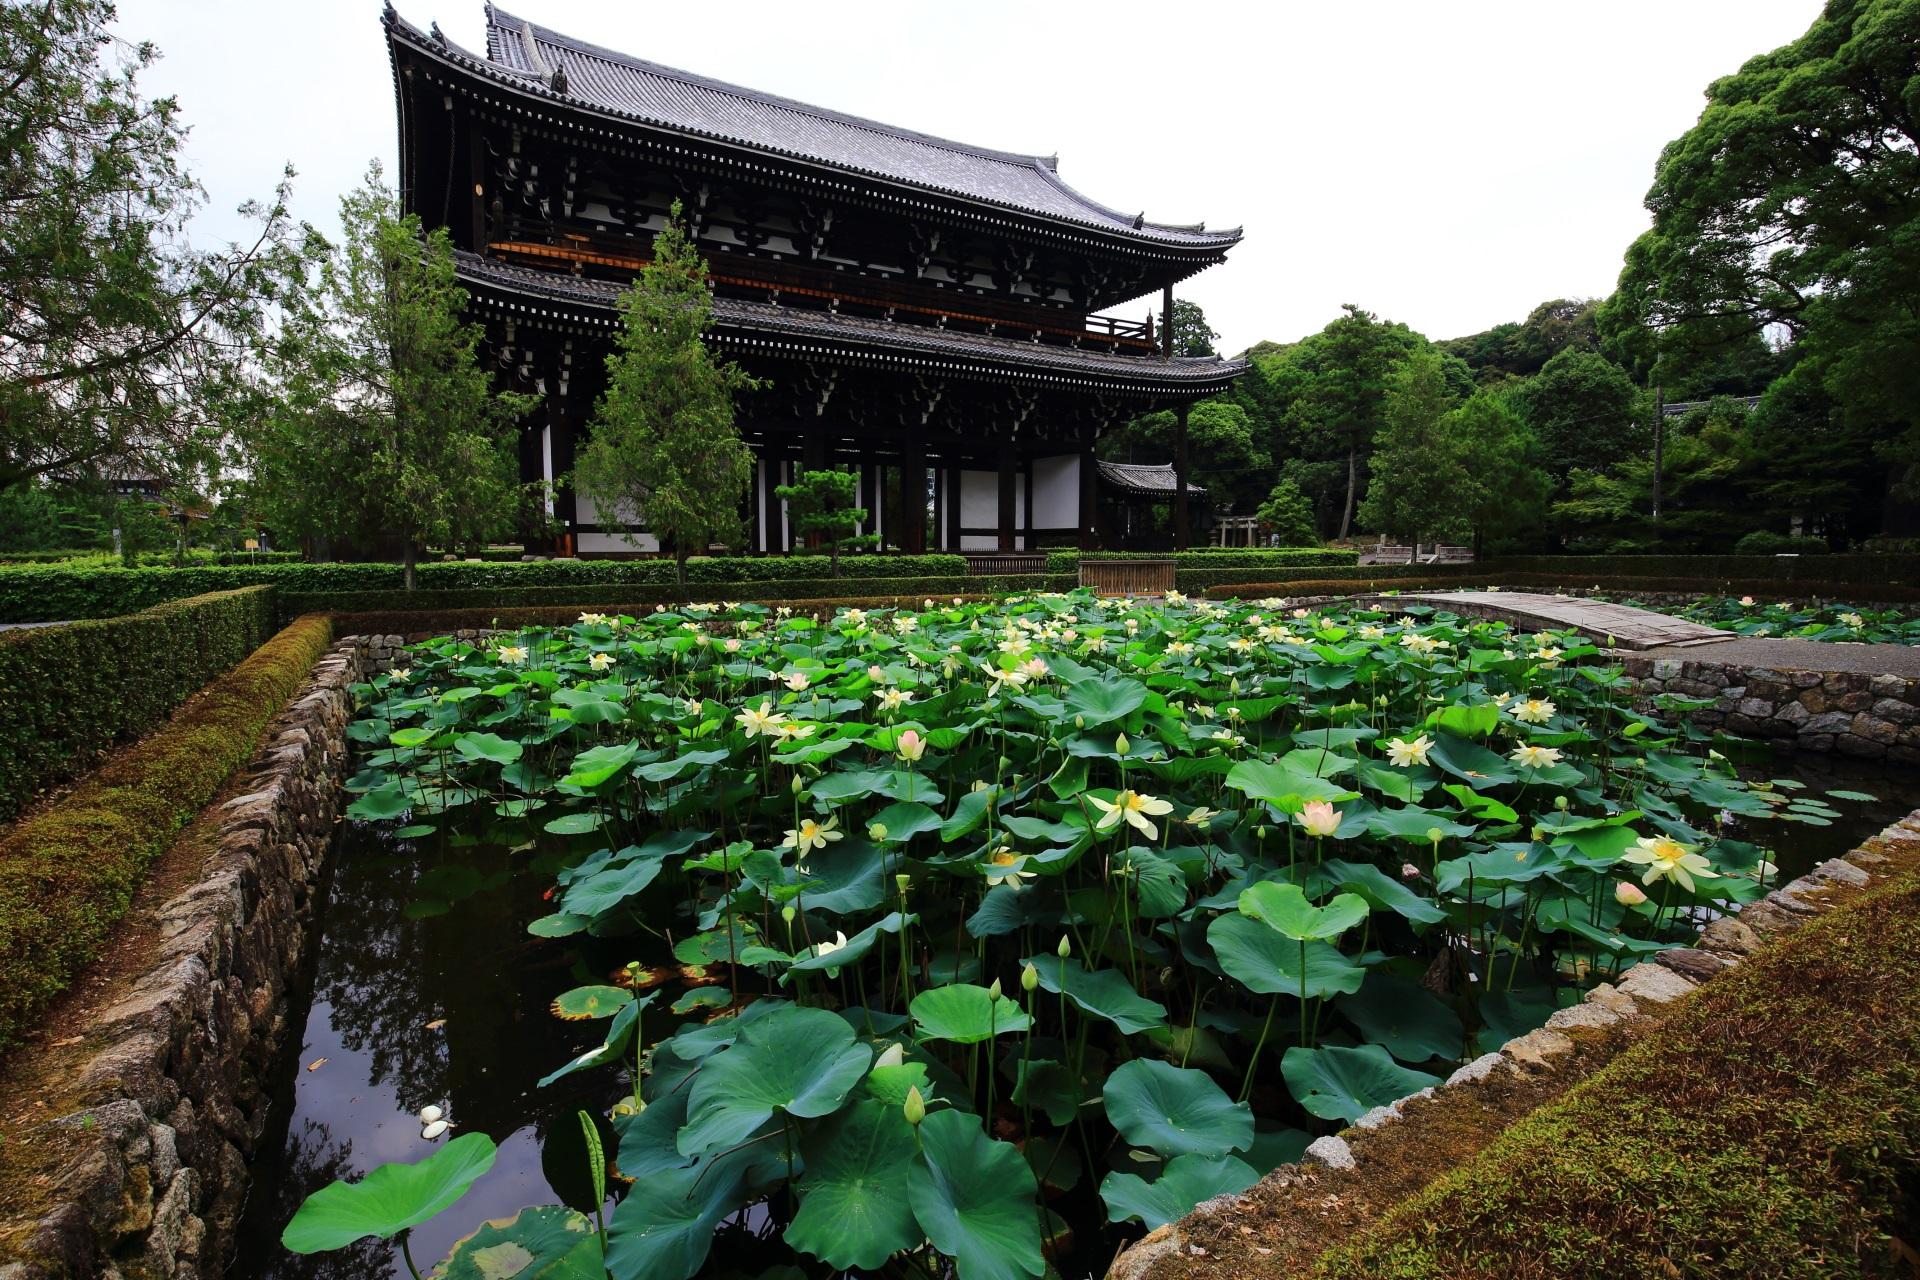 華やかな蓮の花が咲きそろう東福寺の思遠池と三門